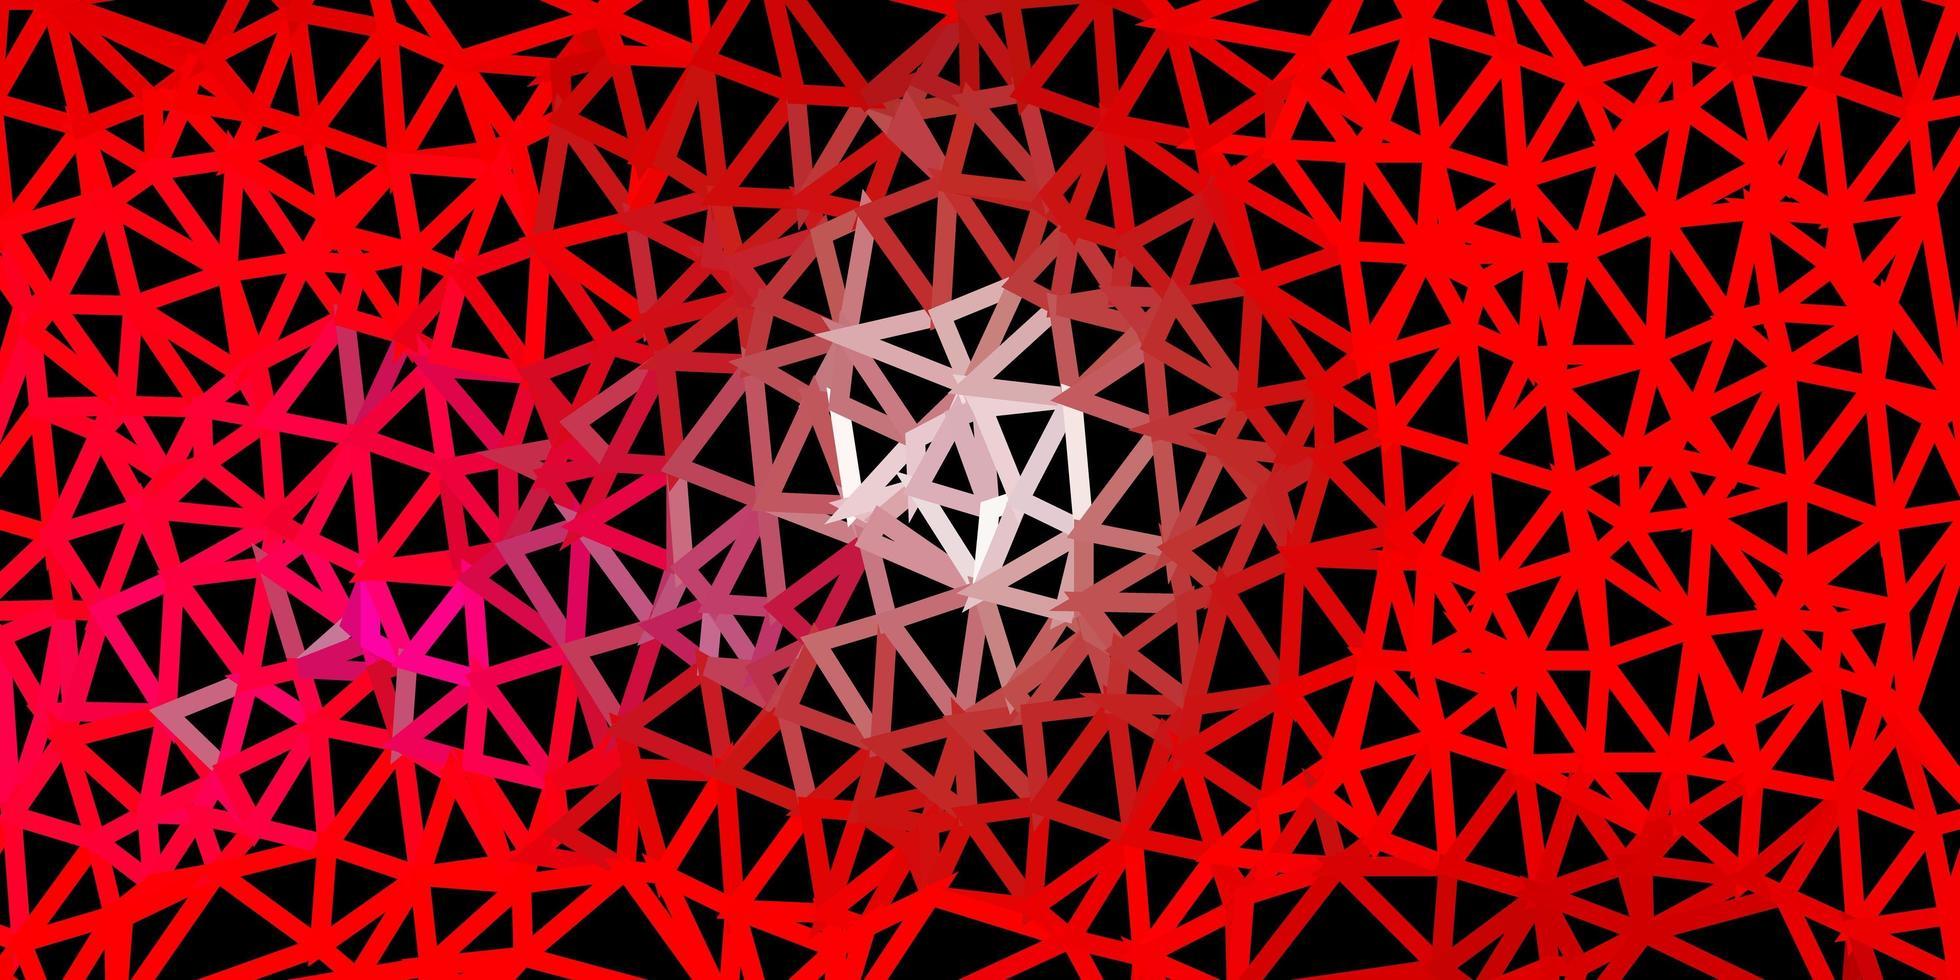 projeto do mosaico do triângulo do vetor rosa claro e vermelho.